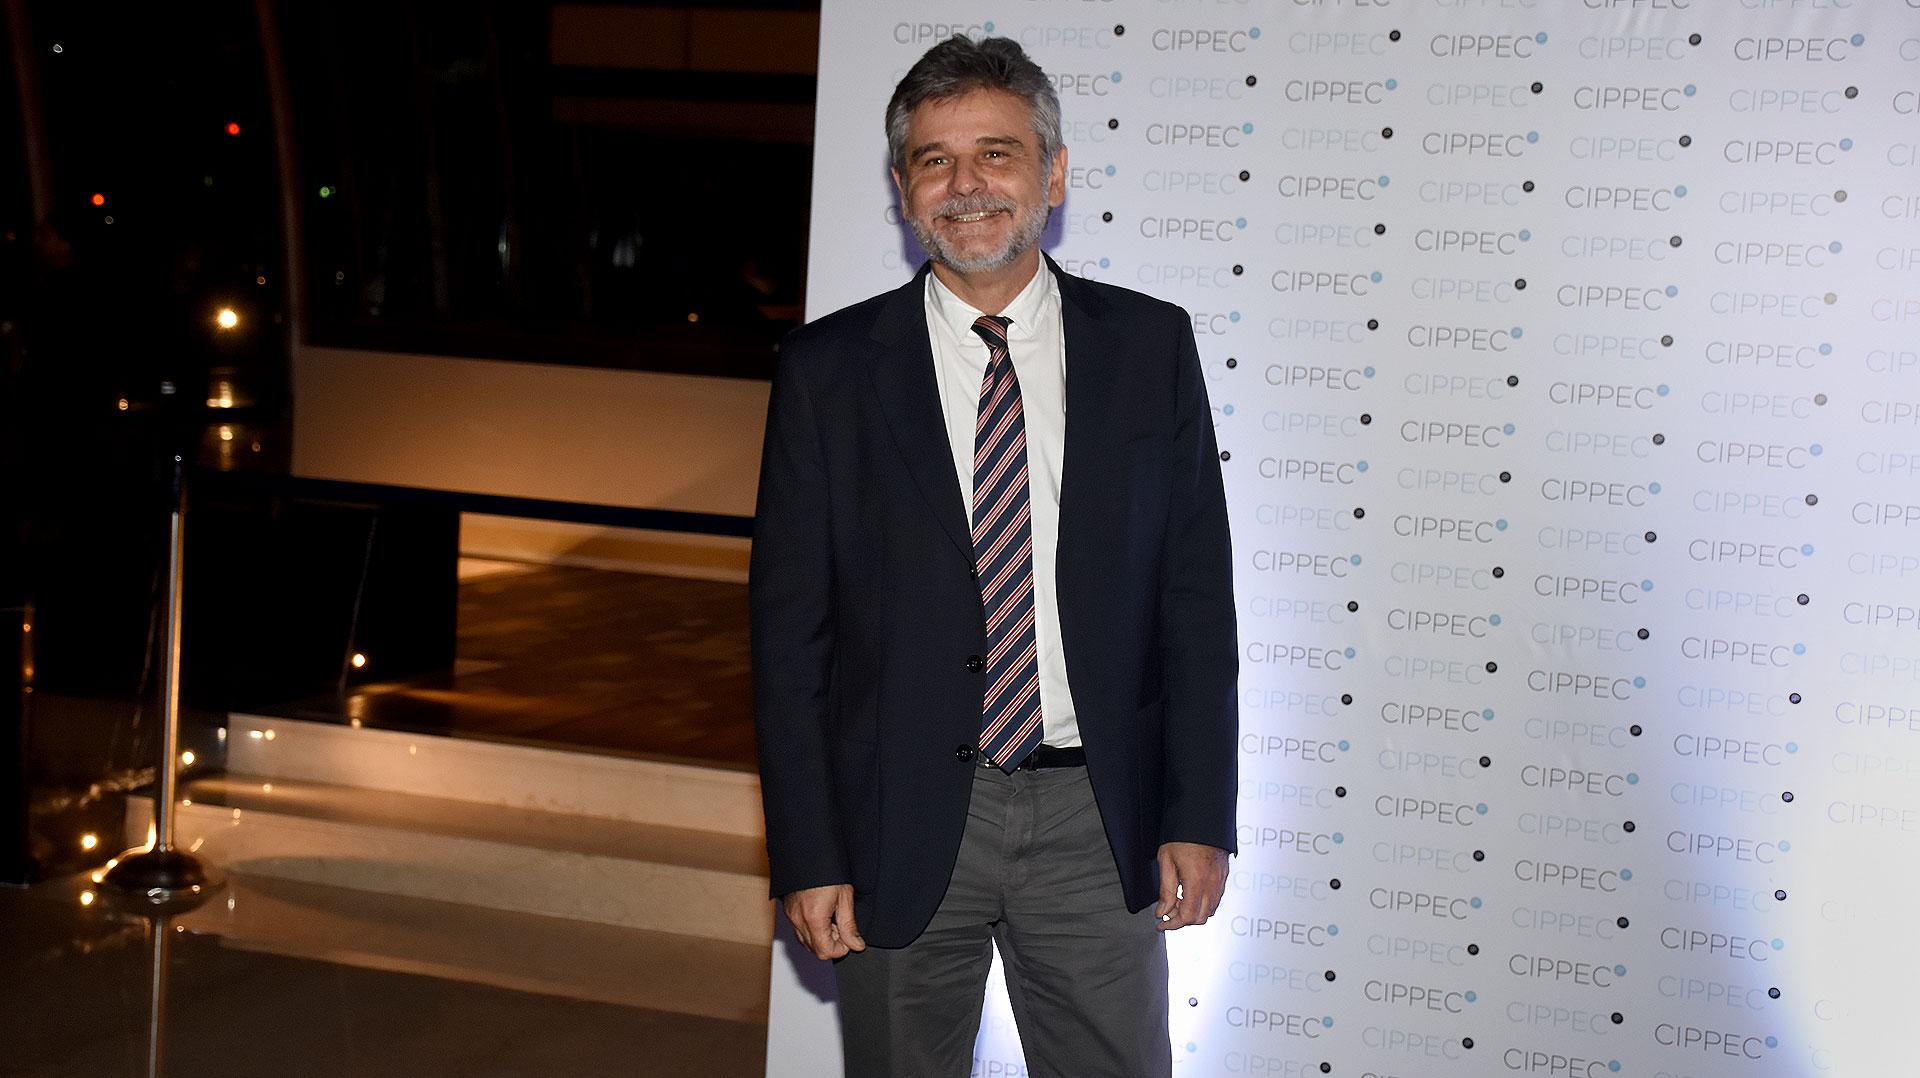 El ex ministro de Educación, Daniel Filmus